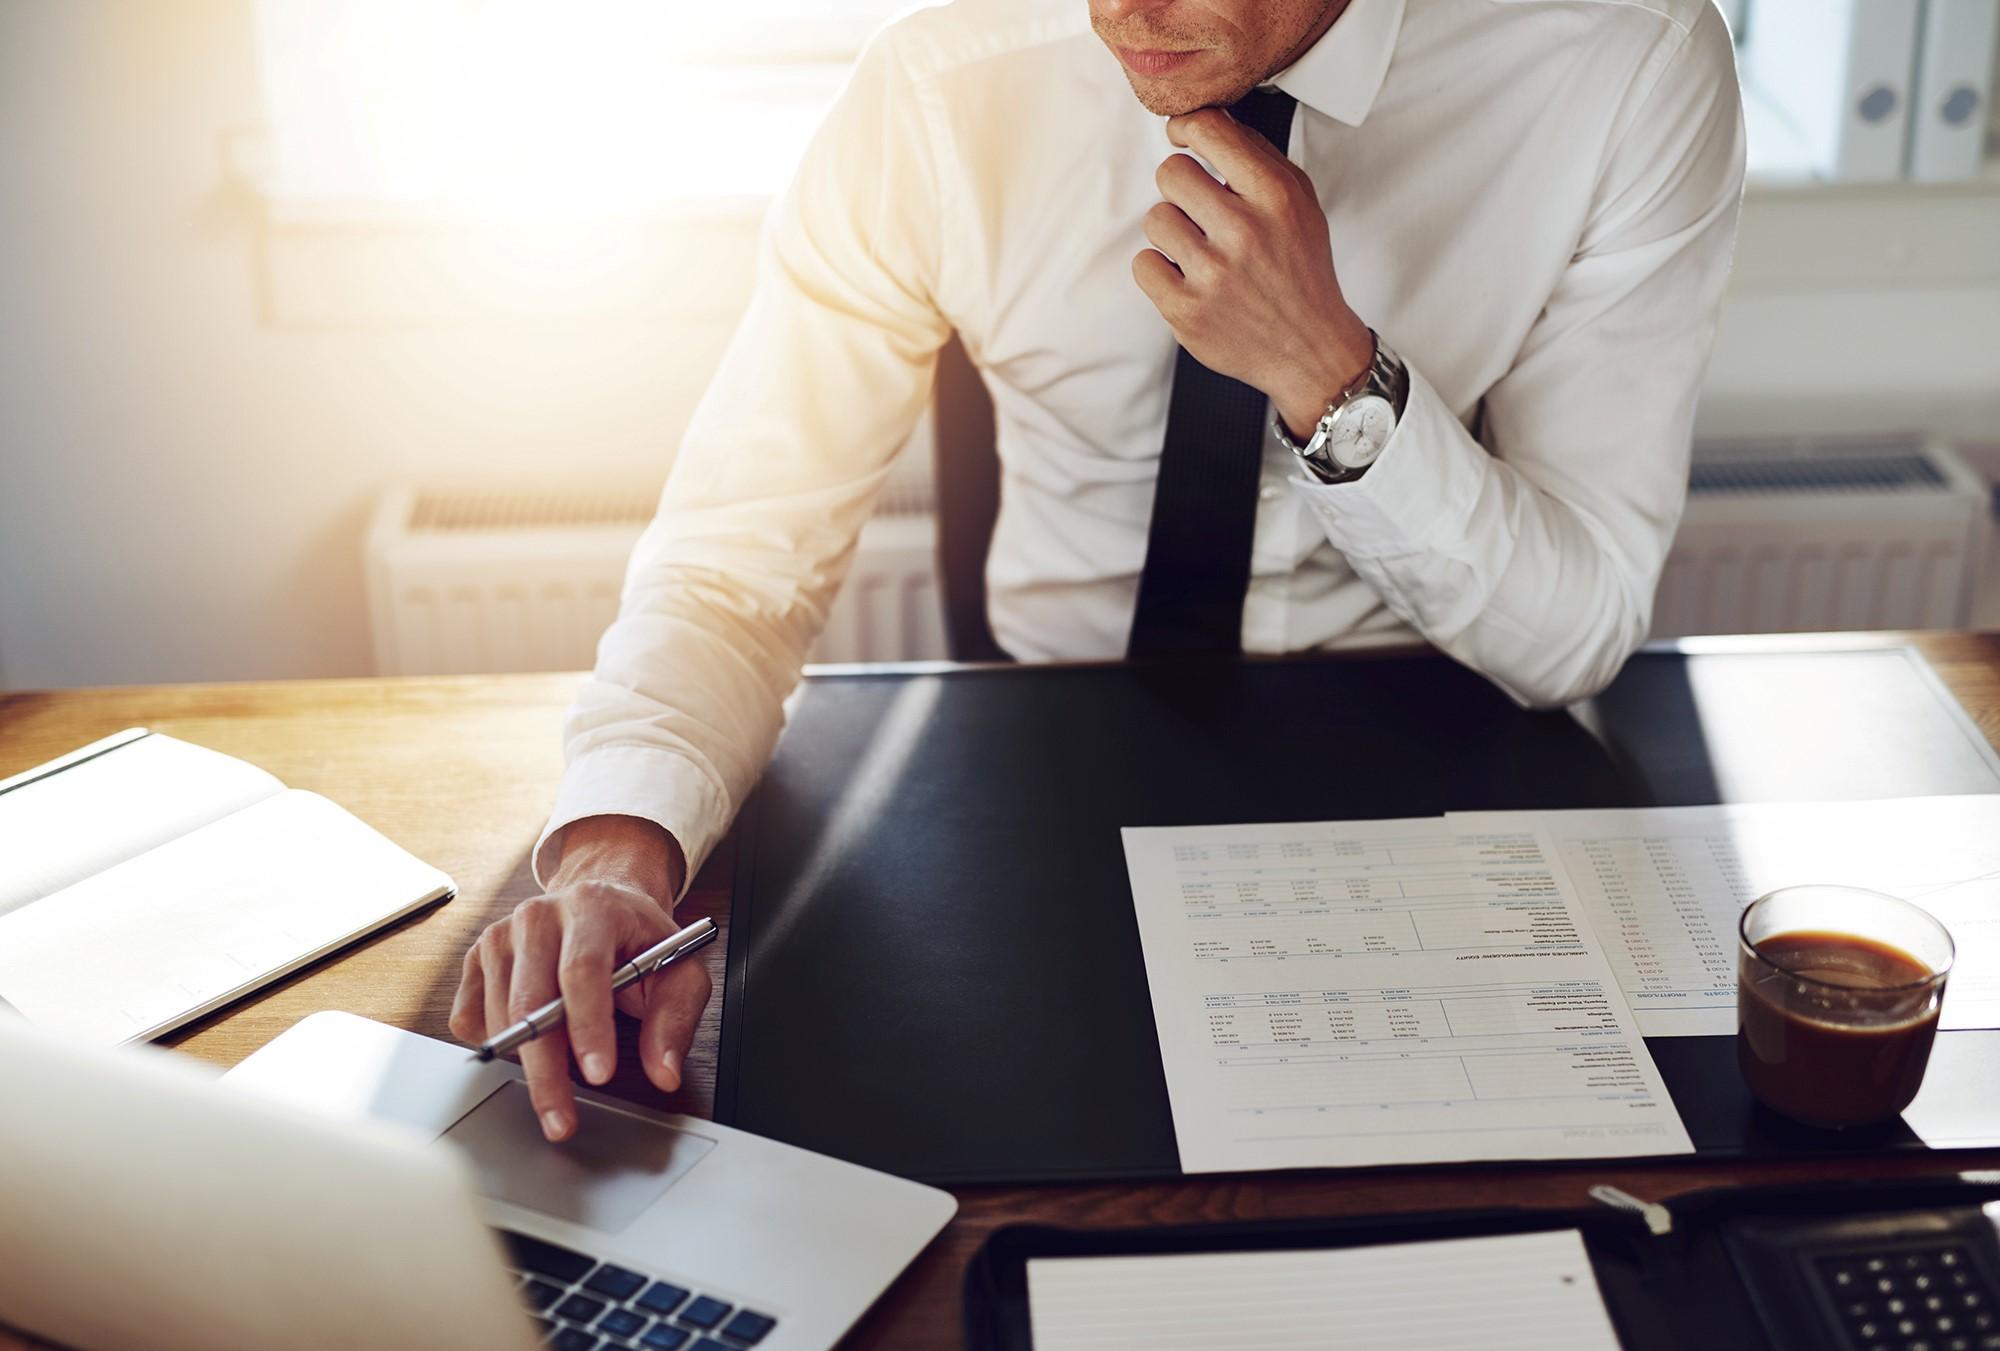 Muškarac za radnim stolom, vidi se ruka s kemijskom olovkom na prijenosnom računalu, na stolu rokovnik, papiri i šalica s kavom